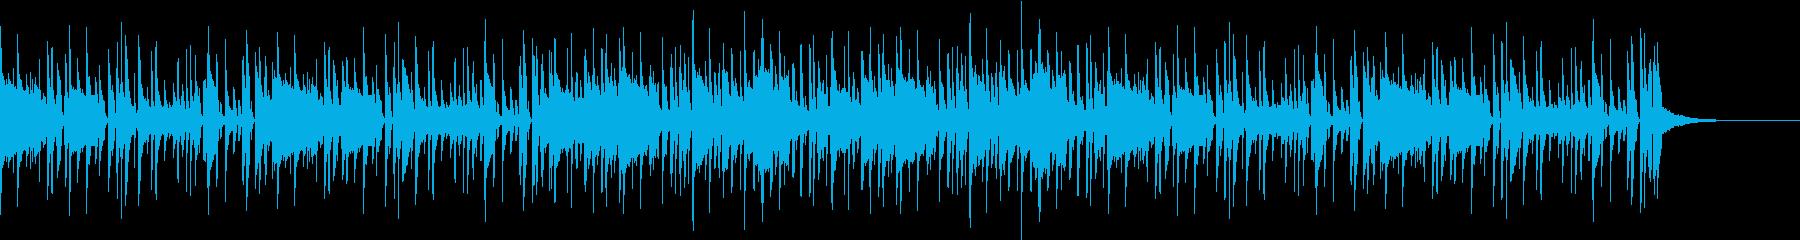 エレピとウッドベースのお洒落ファンクの再生済みの波形